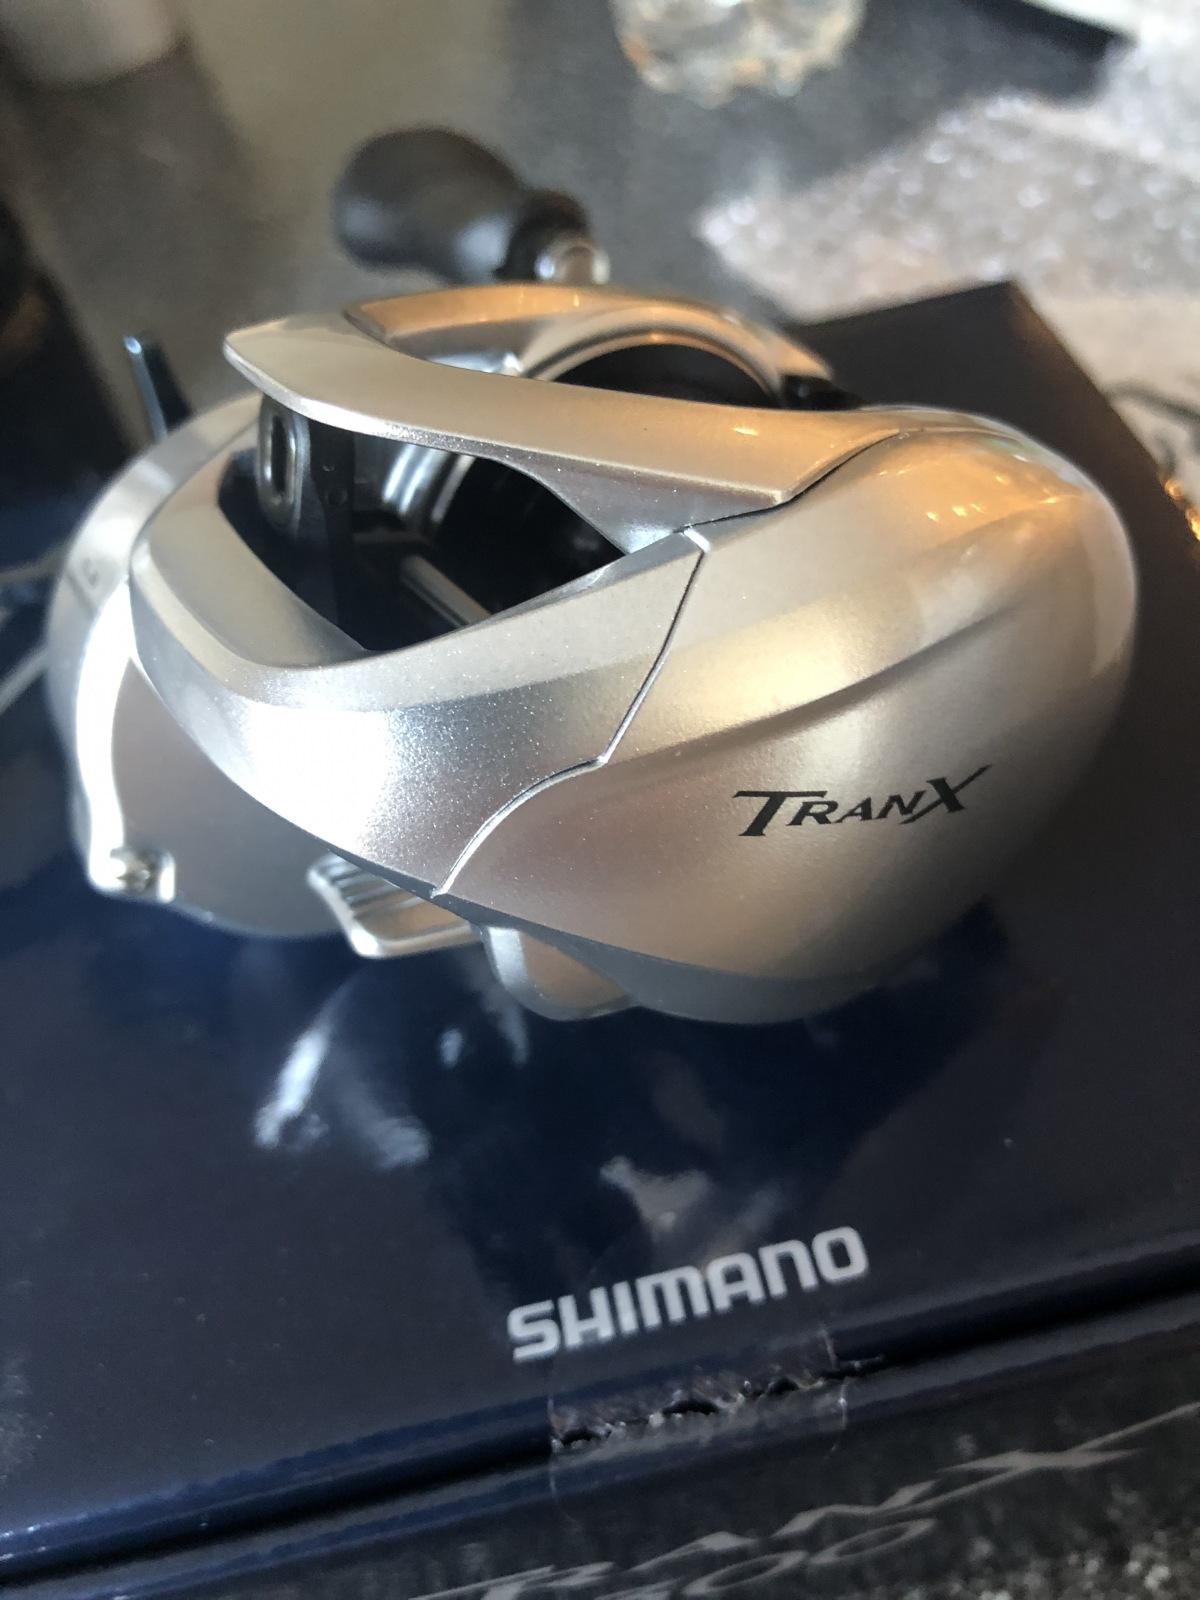 tranx300a.jpeg